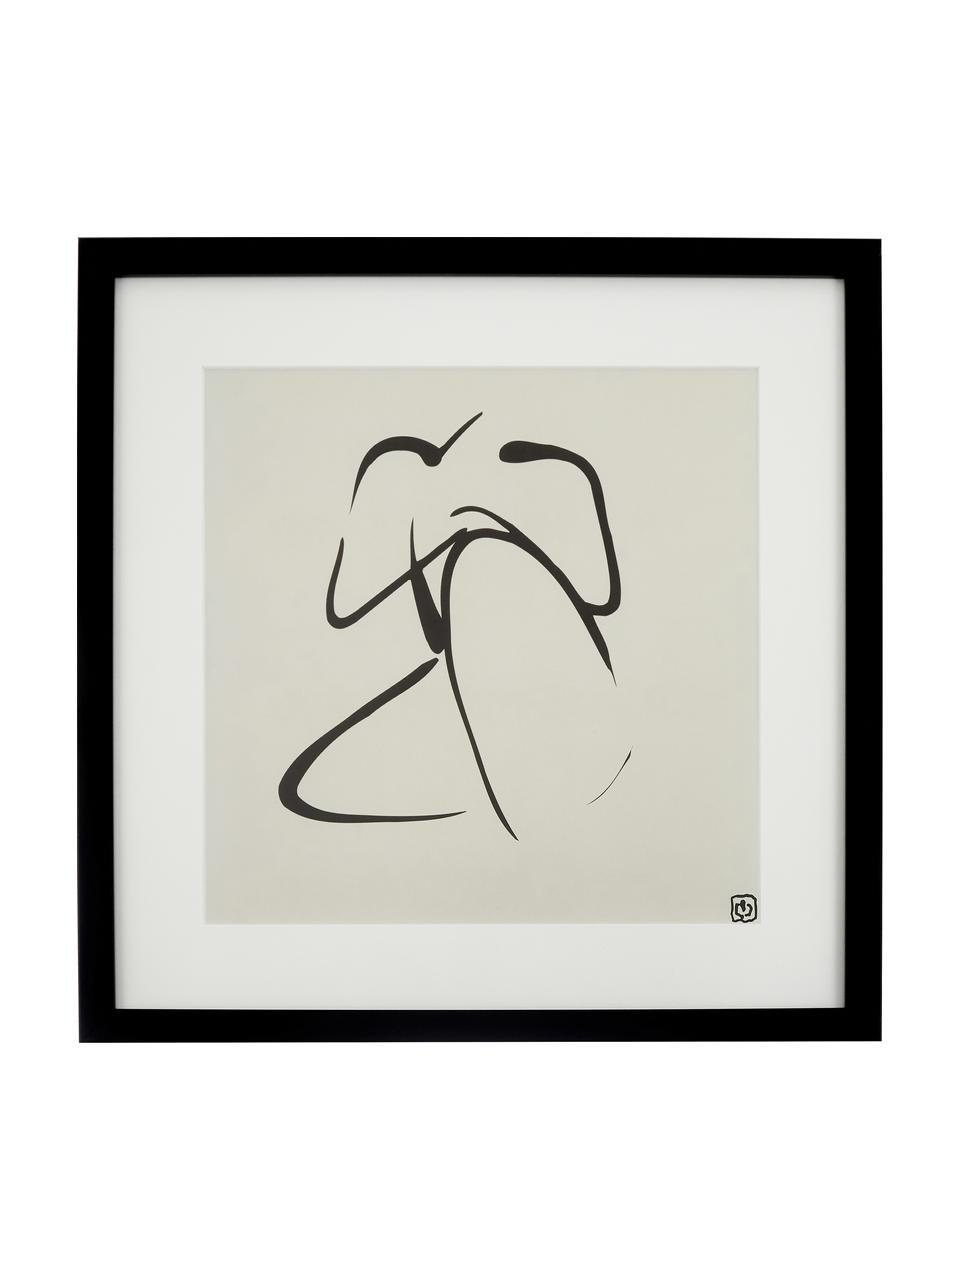 Gerahmter Digitaldruck Akt Lady III, Bild: Digitaldruck, Rahmen: Kunststoff, Front: Glas, Bild: Schwarz, Beige Rahmen: Schwarz, 40 x 40 cm